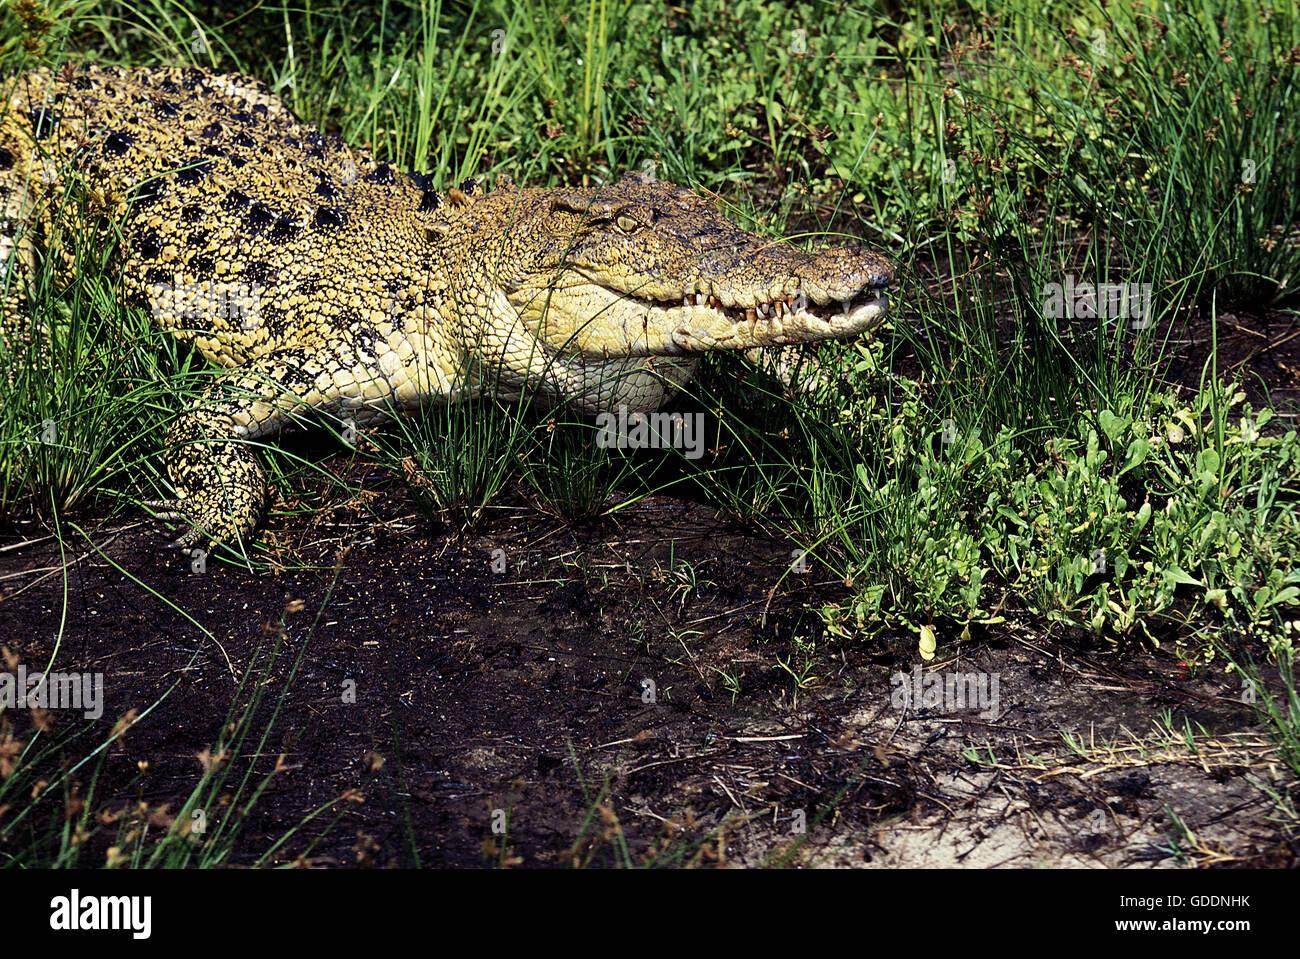 Australian Saltwater Crocodile or Estuarine Crocodile, crocodylus porosus, Australia - Stock Image